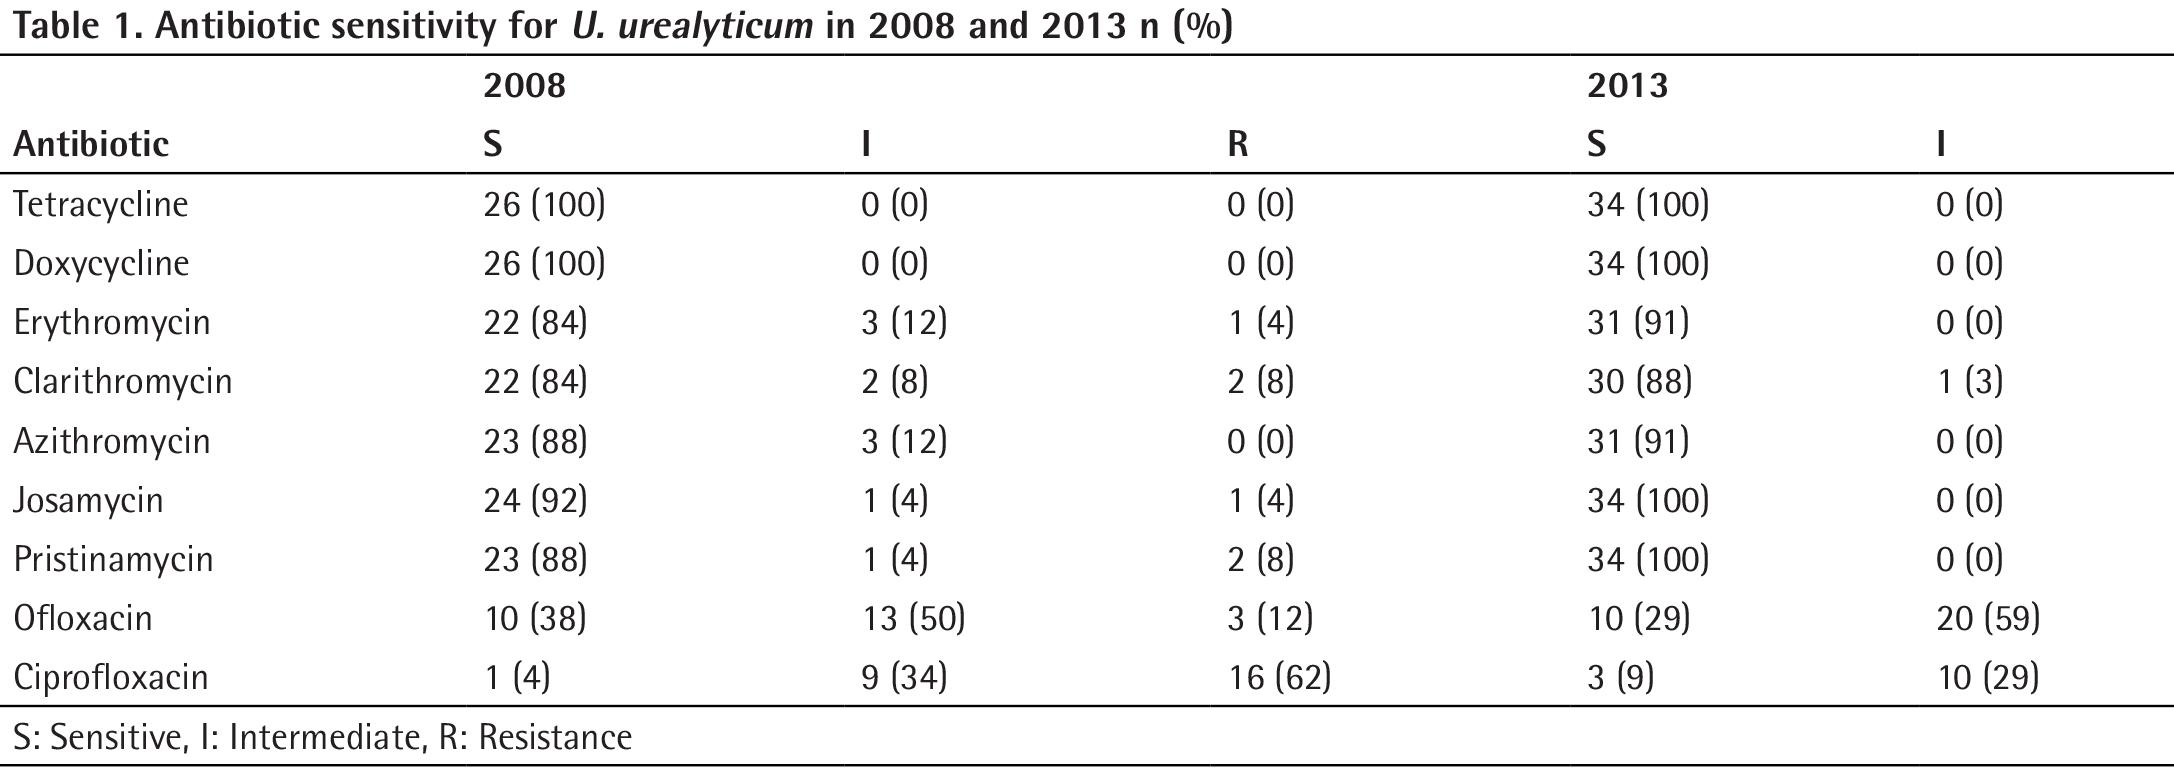 Journal of Urological Surgery